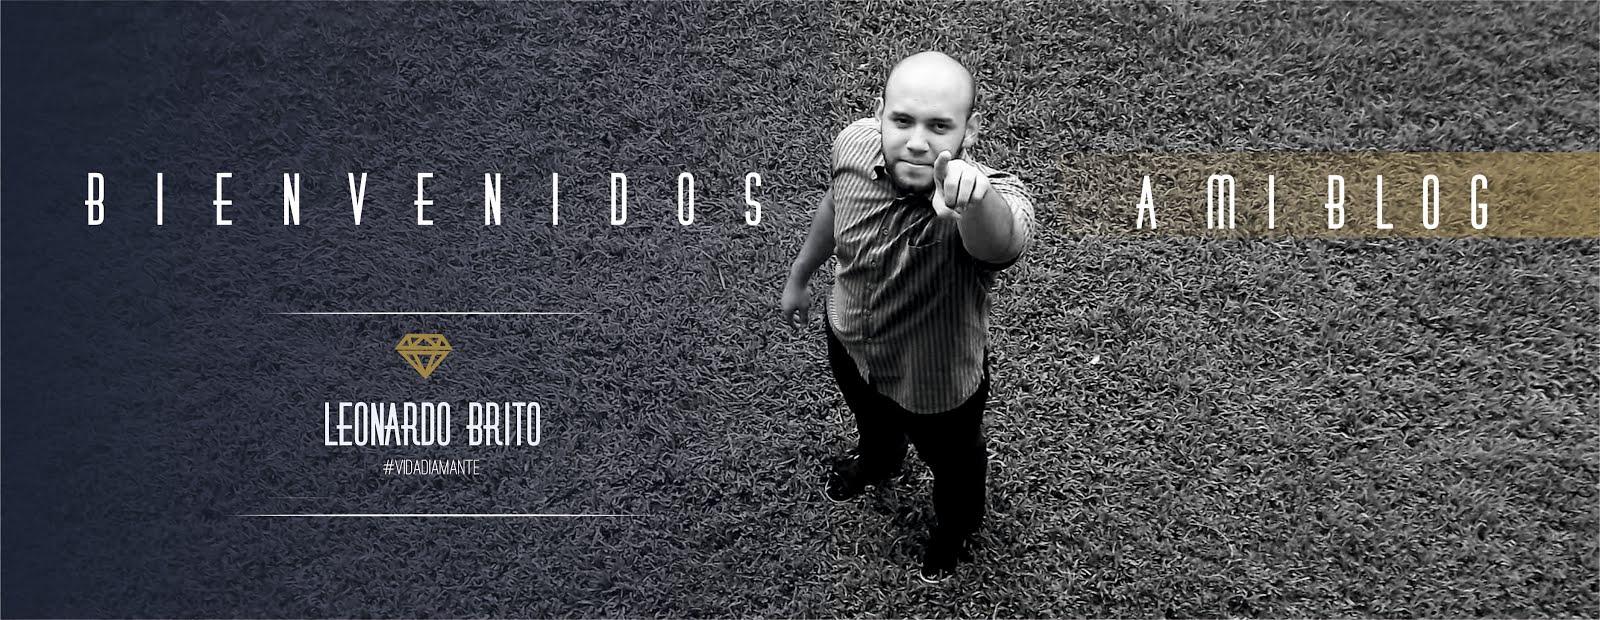 Blog de Leonardo Brito